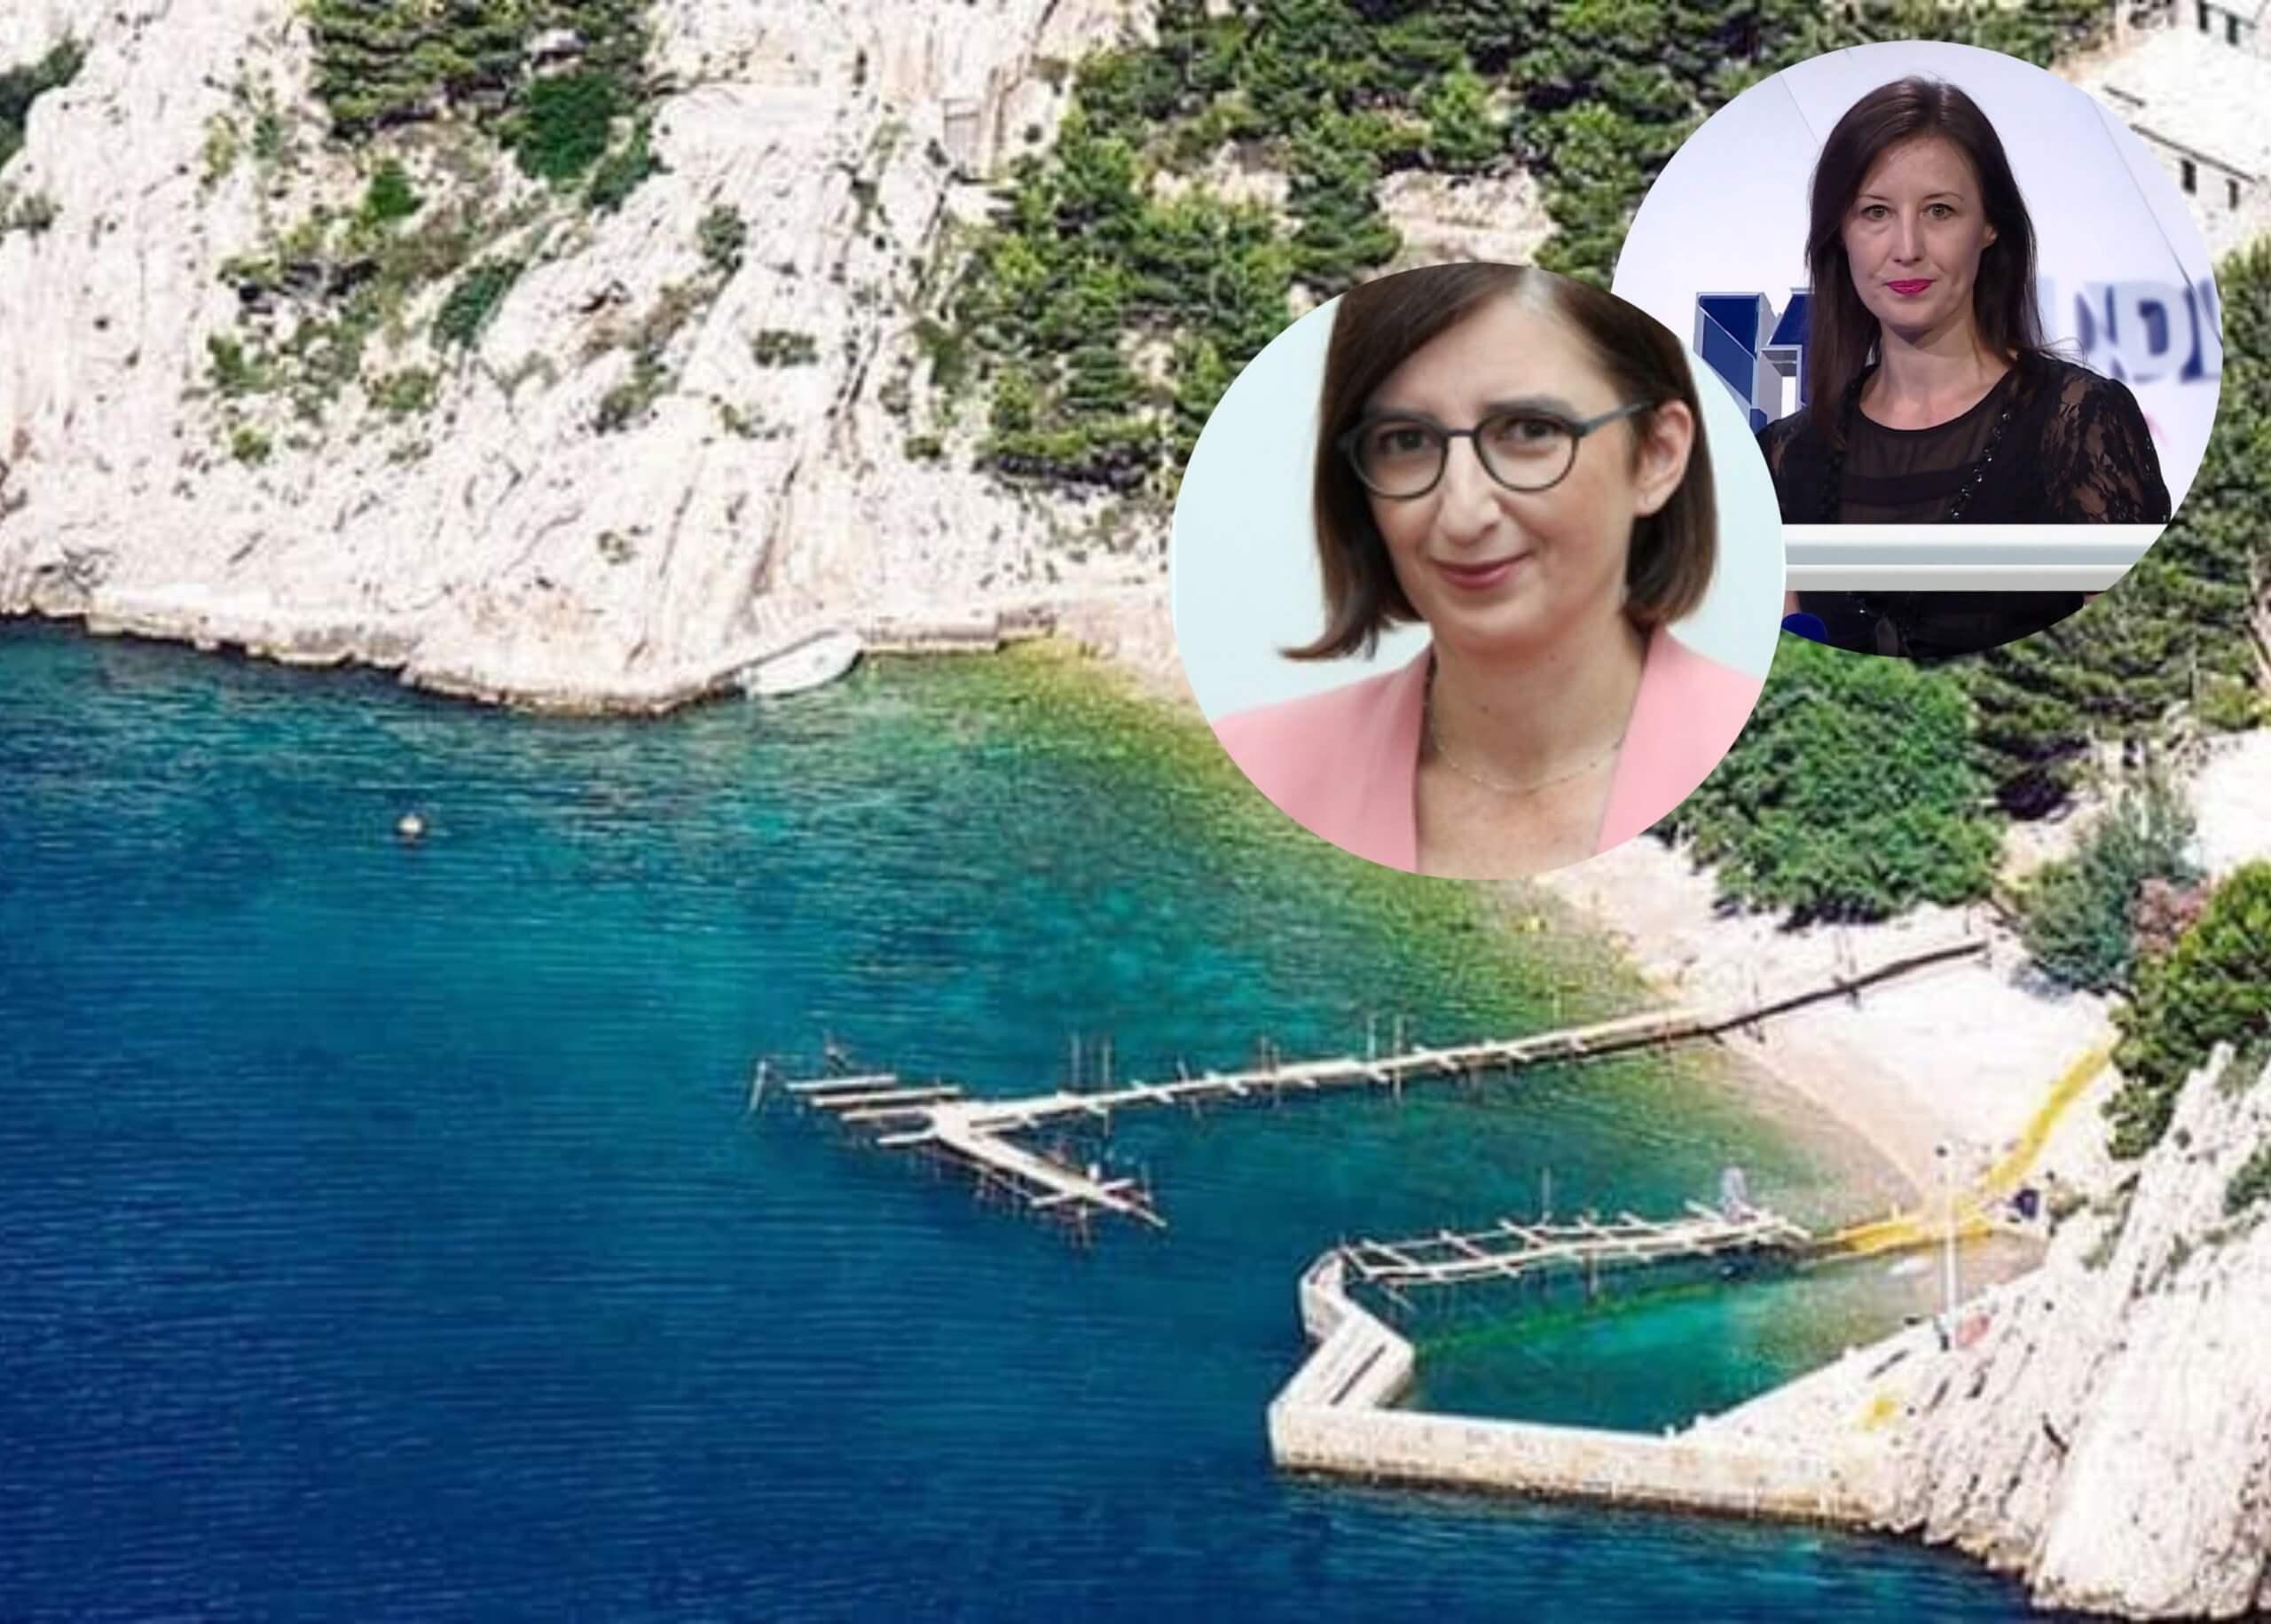 Puljak i Orešković pozivaju građane: Mi se ne bojimo, prijavite nam devastaciju javnog dobra